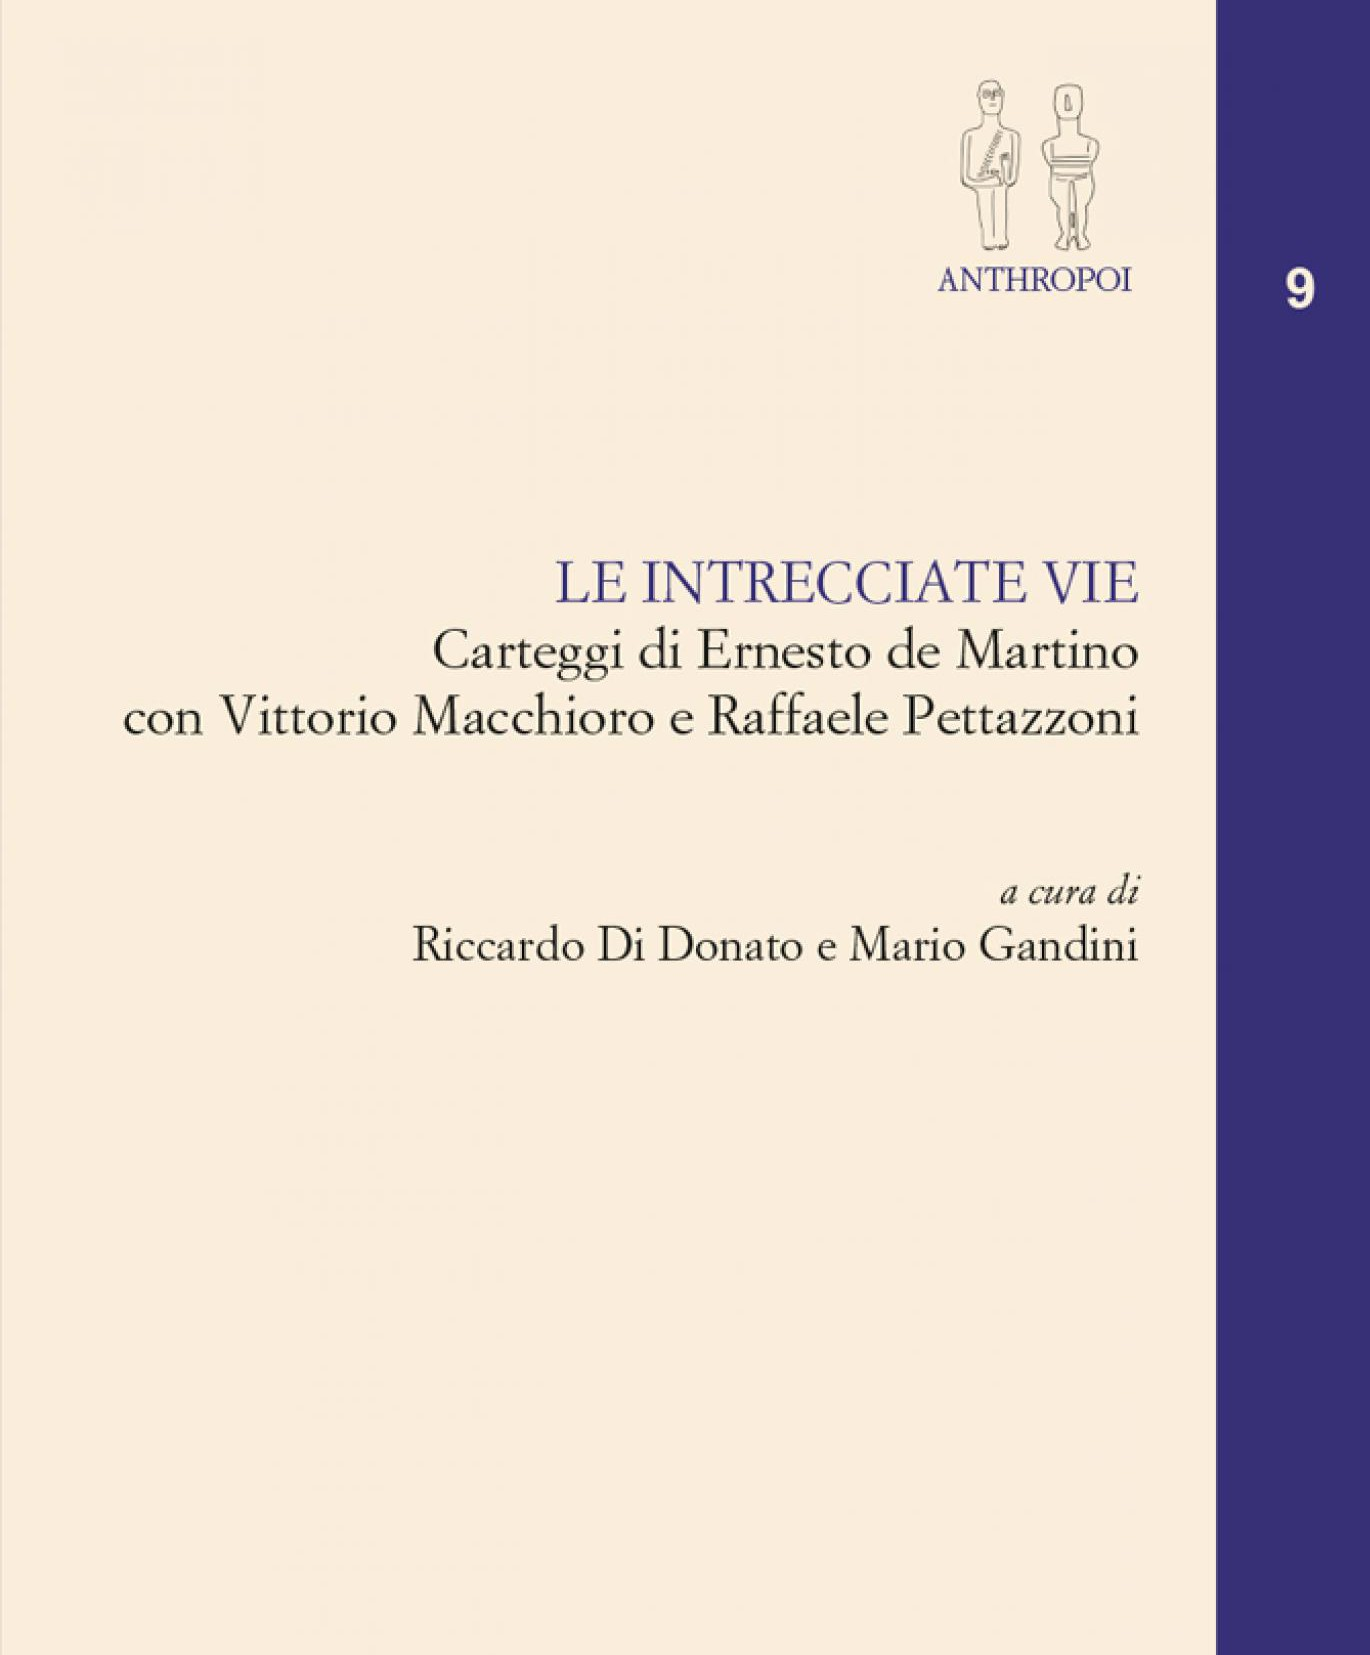 Le intrecciate vie Carteggi di Ernesto de Martino con Vittorio Macchioro e Raffaele Pettazzoni